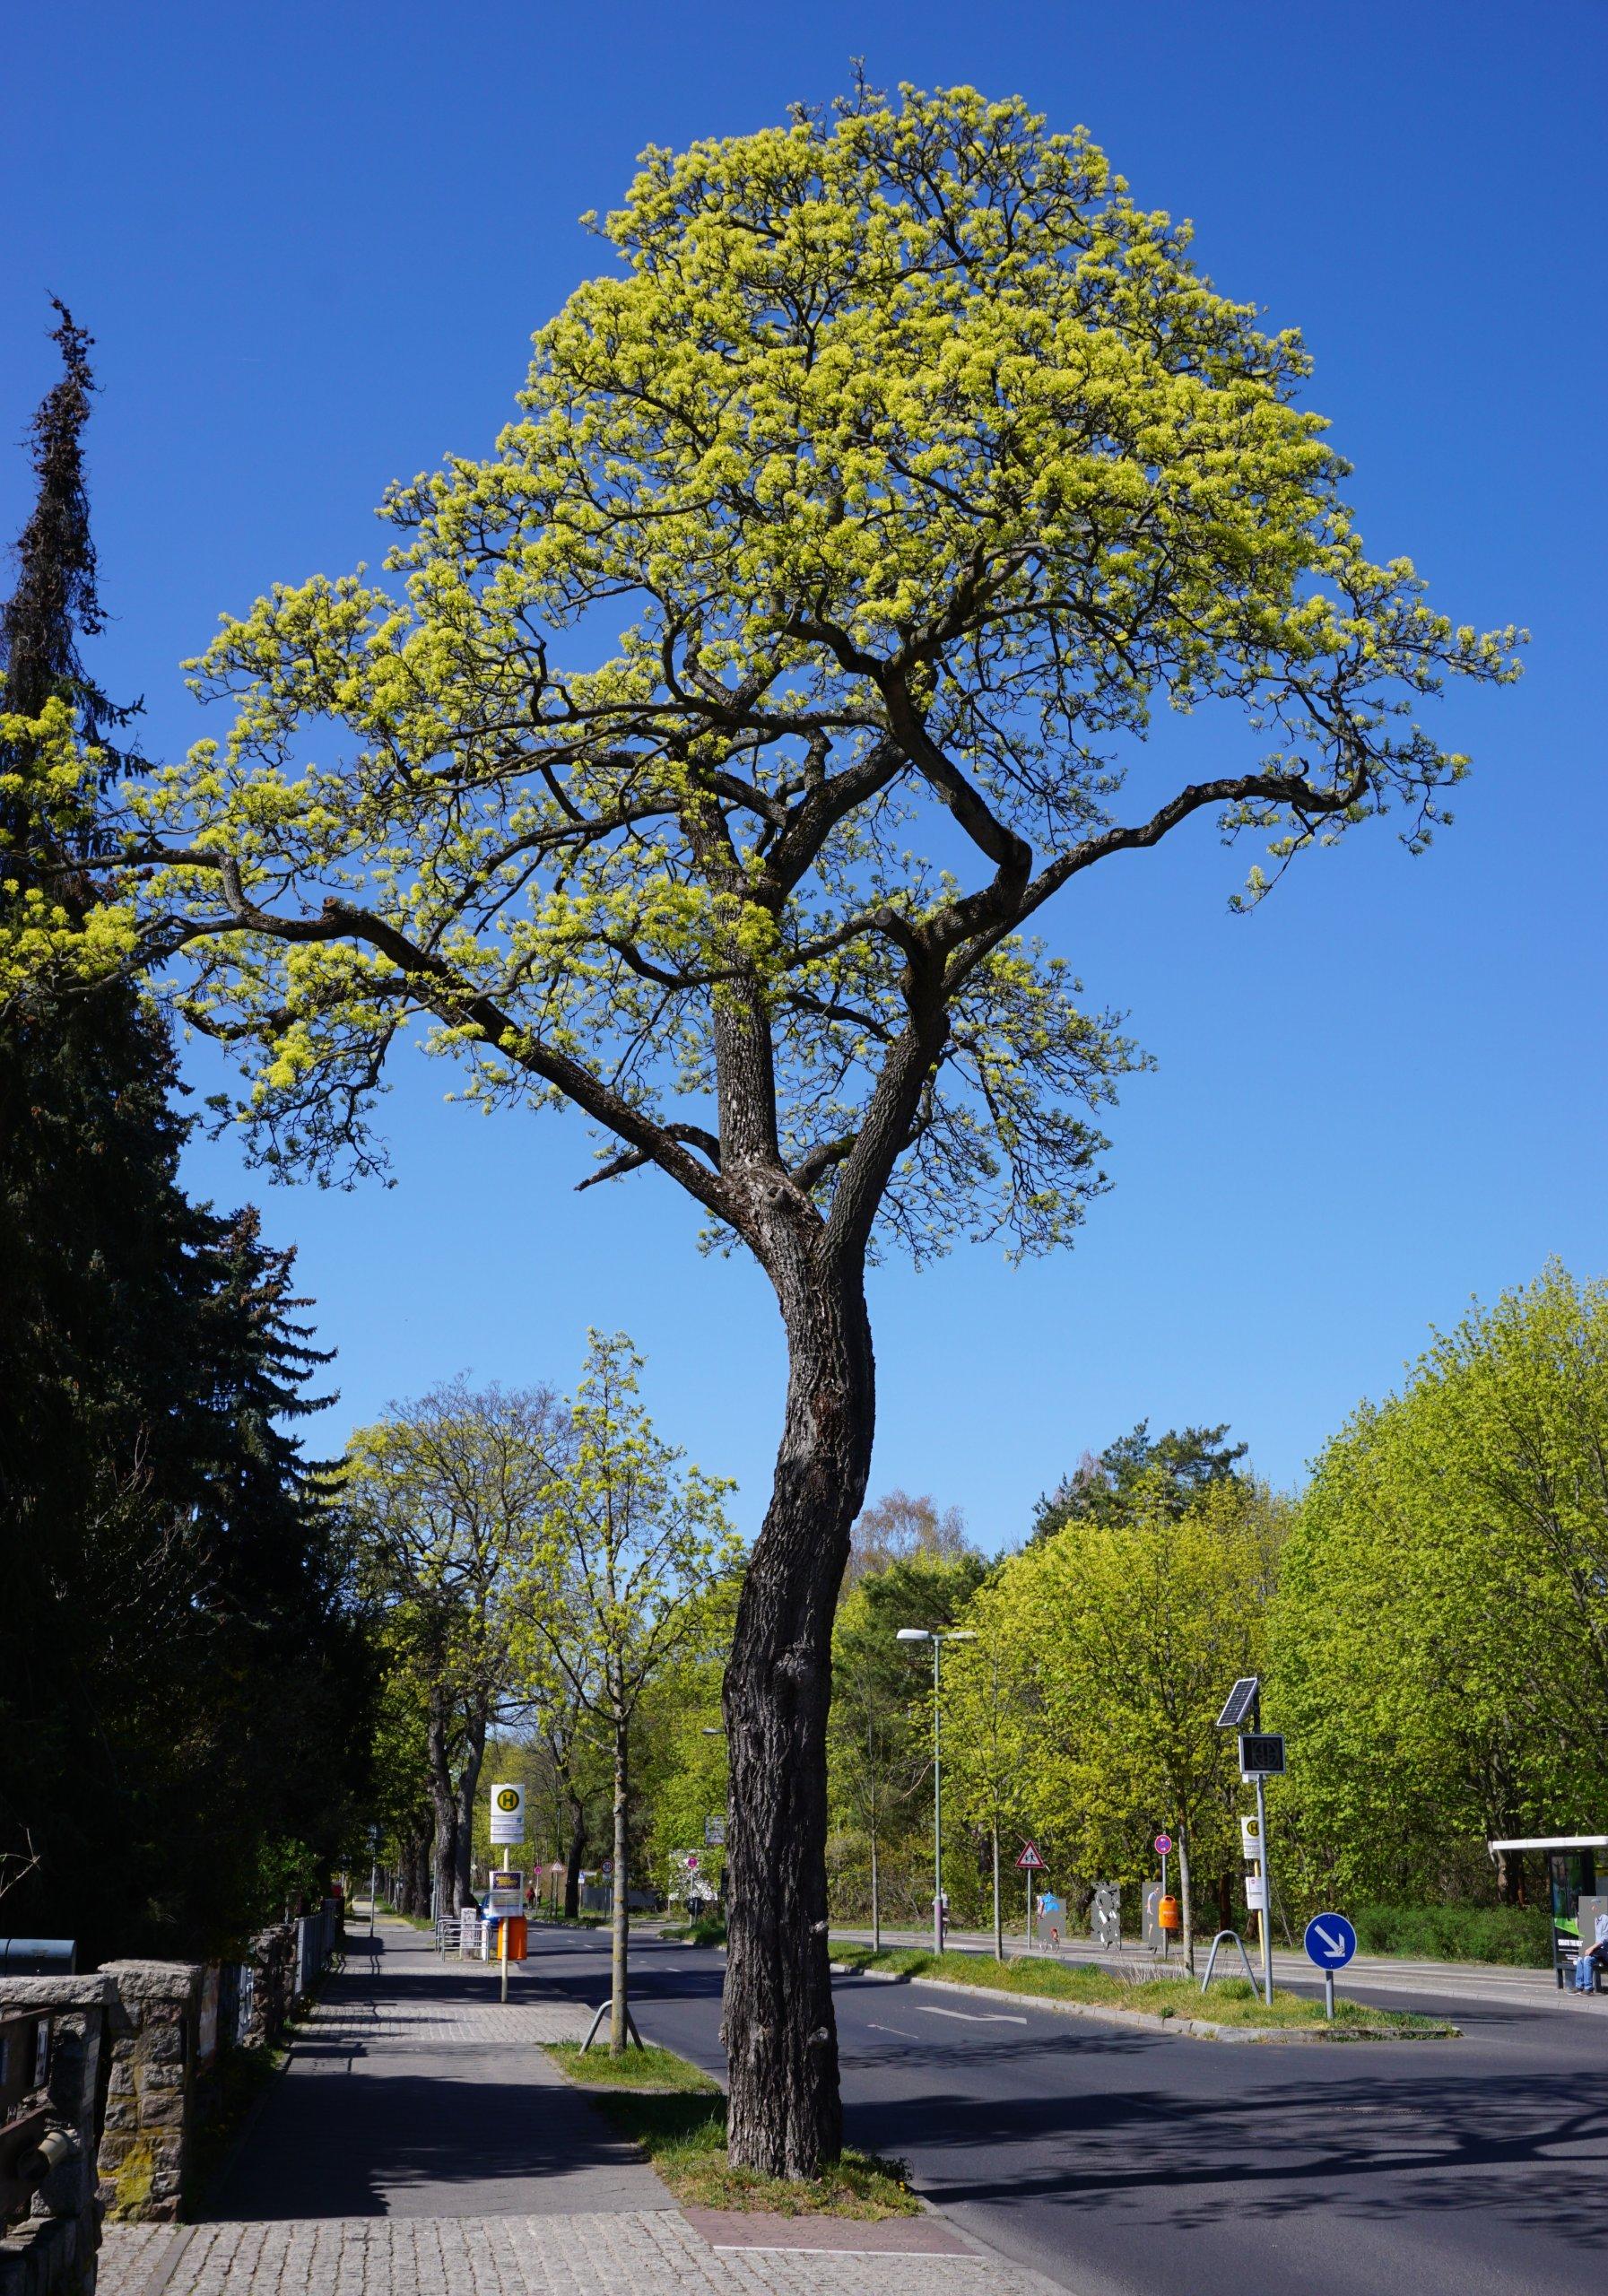 Das Bild zeigt ein knorriges, schon älteres Exemplar eines Spitz-Ahorns als Straßenbaum am Müggelheimer Damm zur Blütezeit, April 2020.